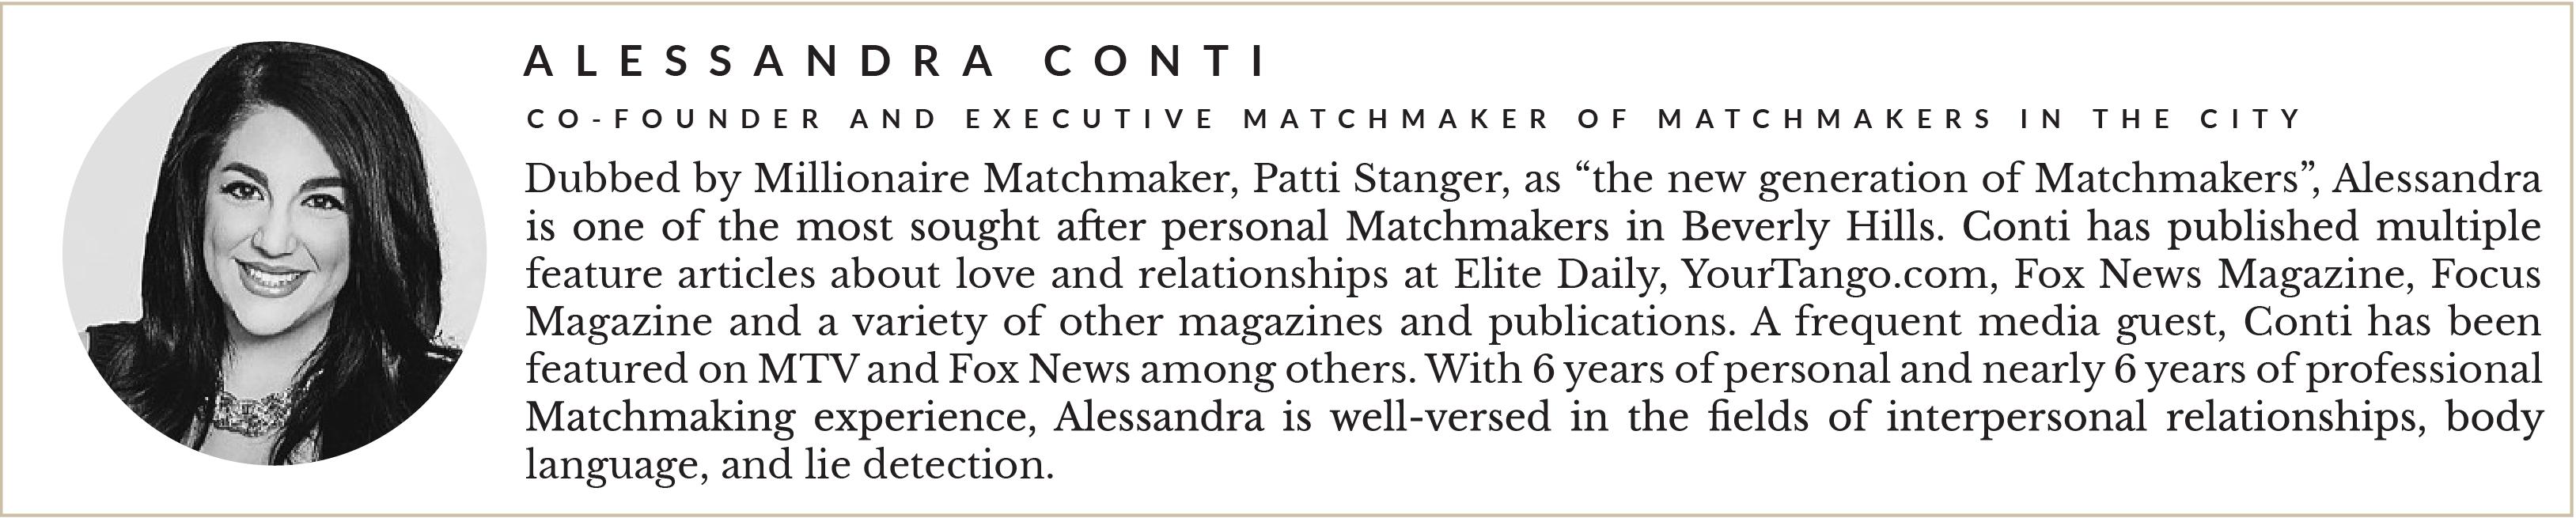 Entity presents Alessandra Conti